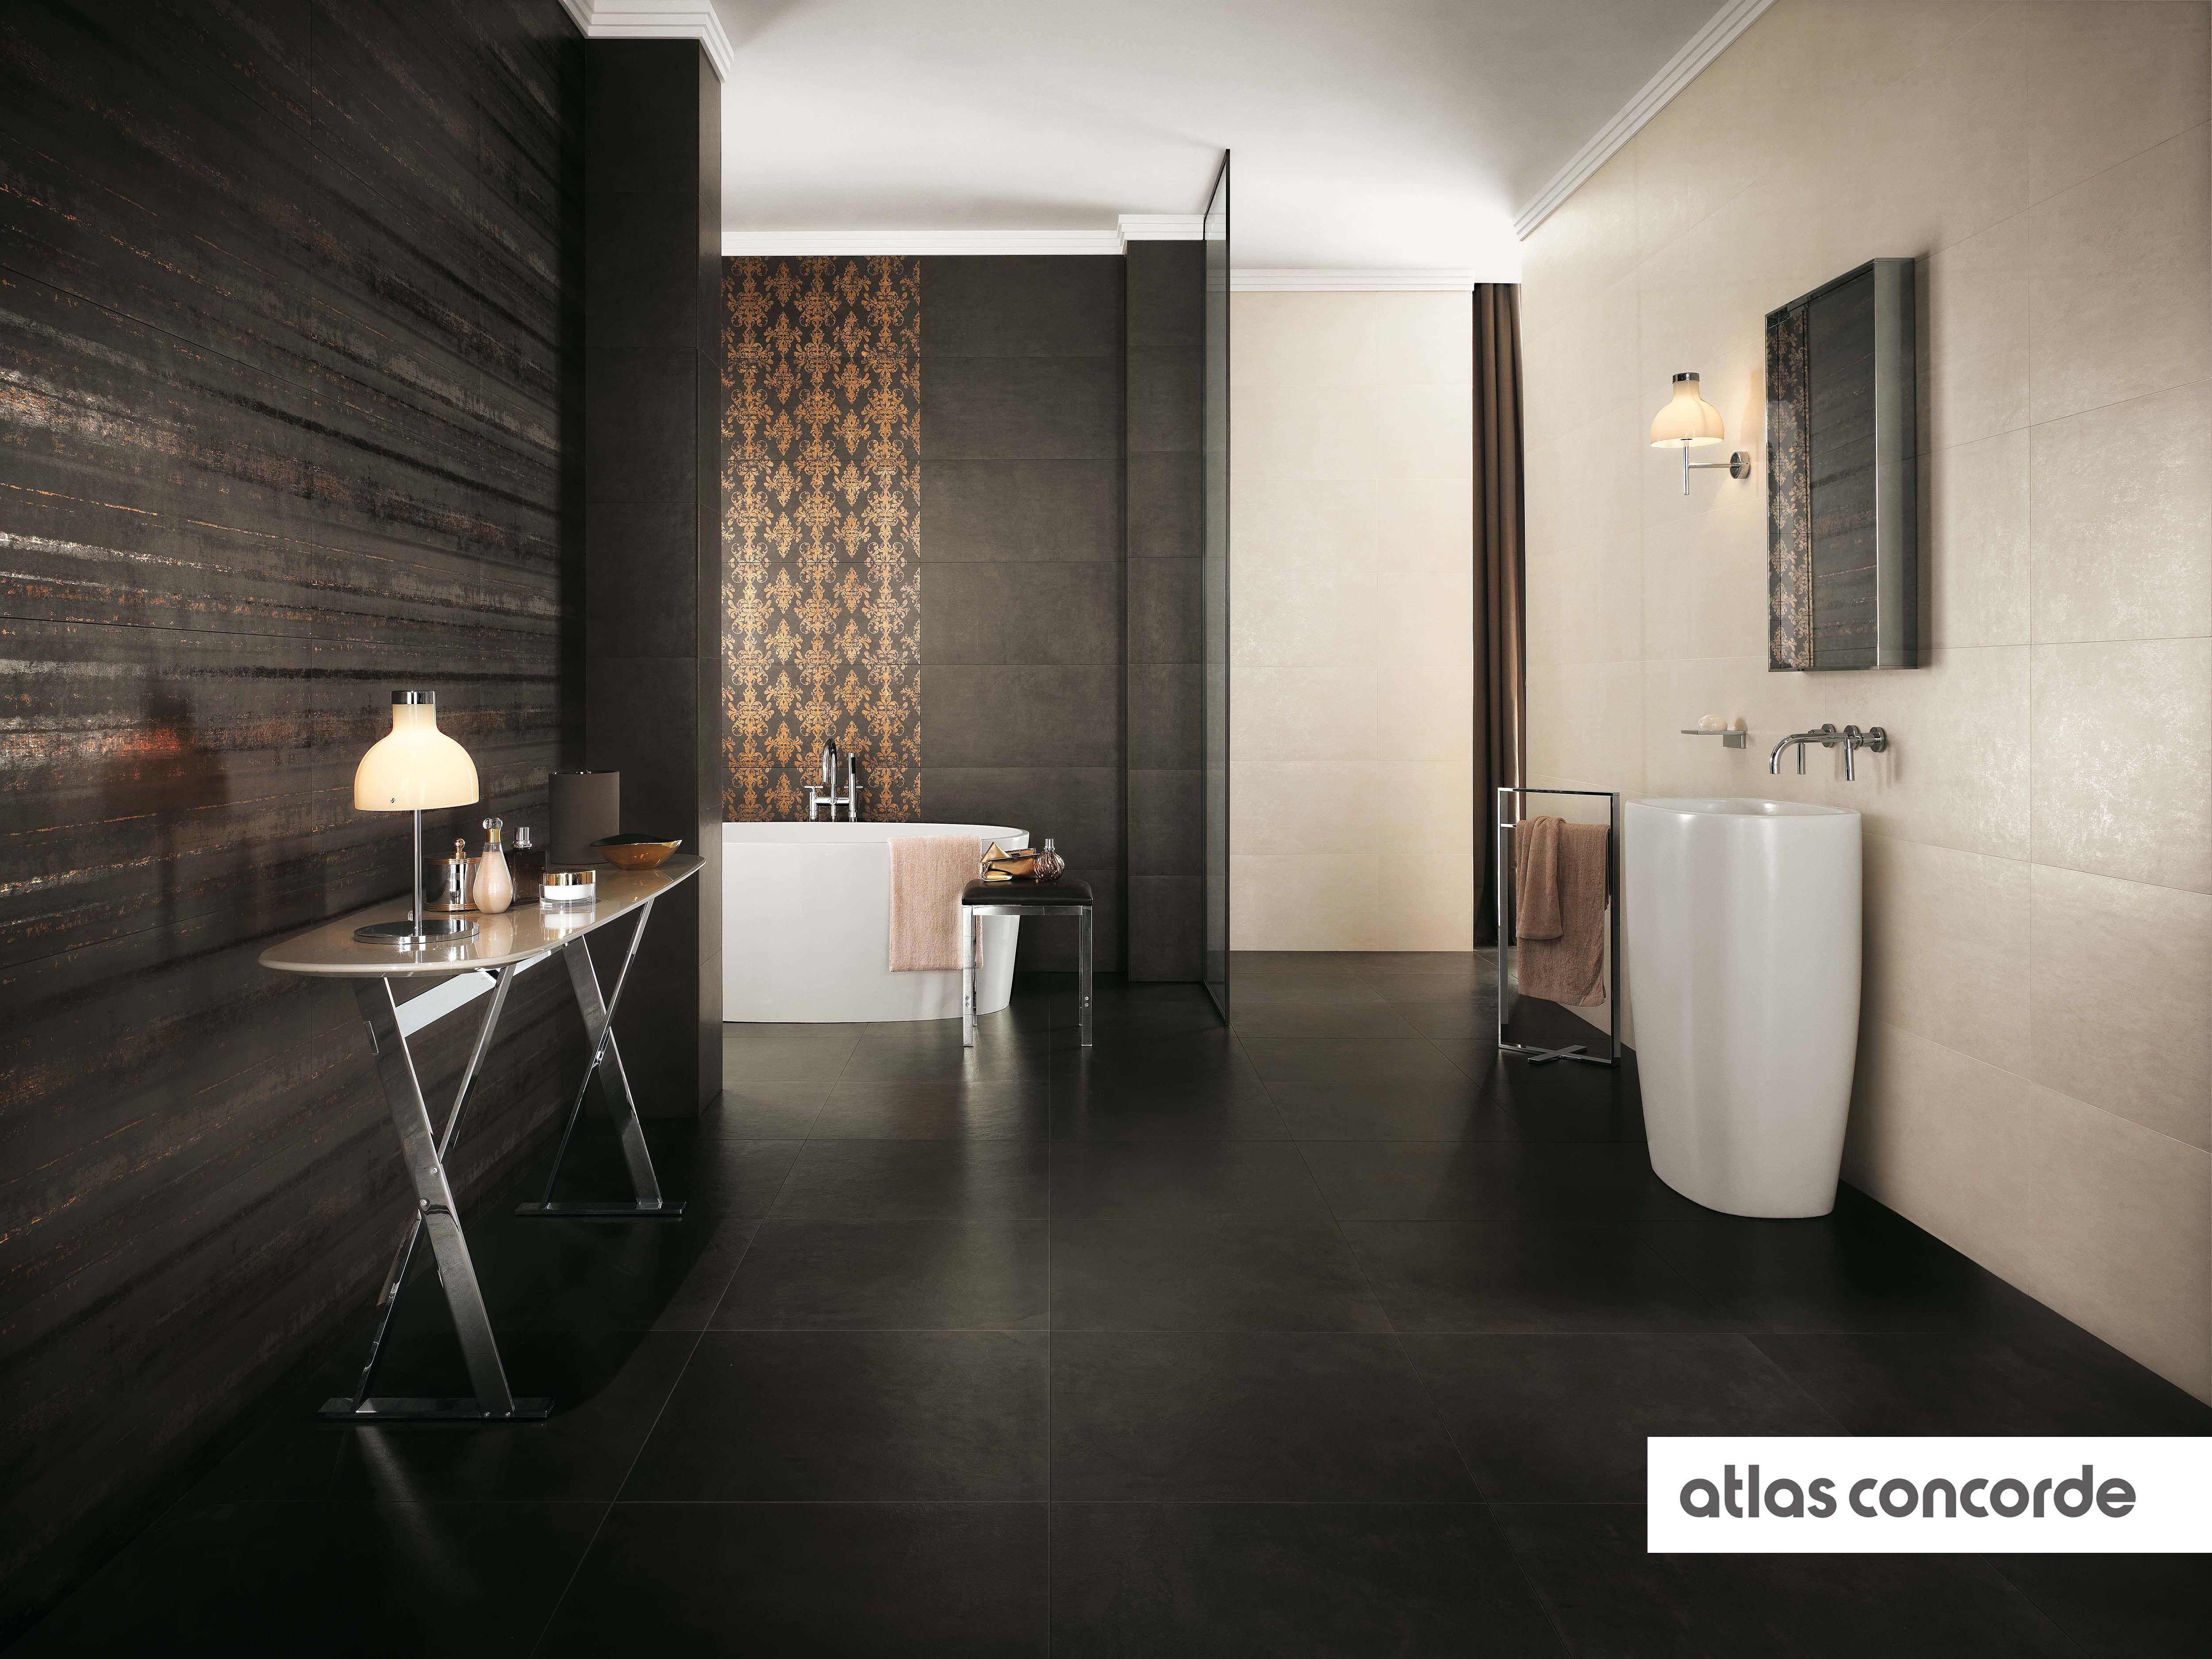 #EWALL moka and white   #AtlasConcorde   #Tiles   #Ceramic